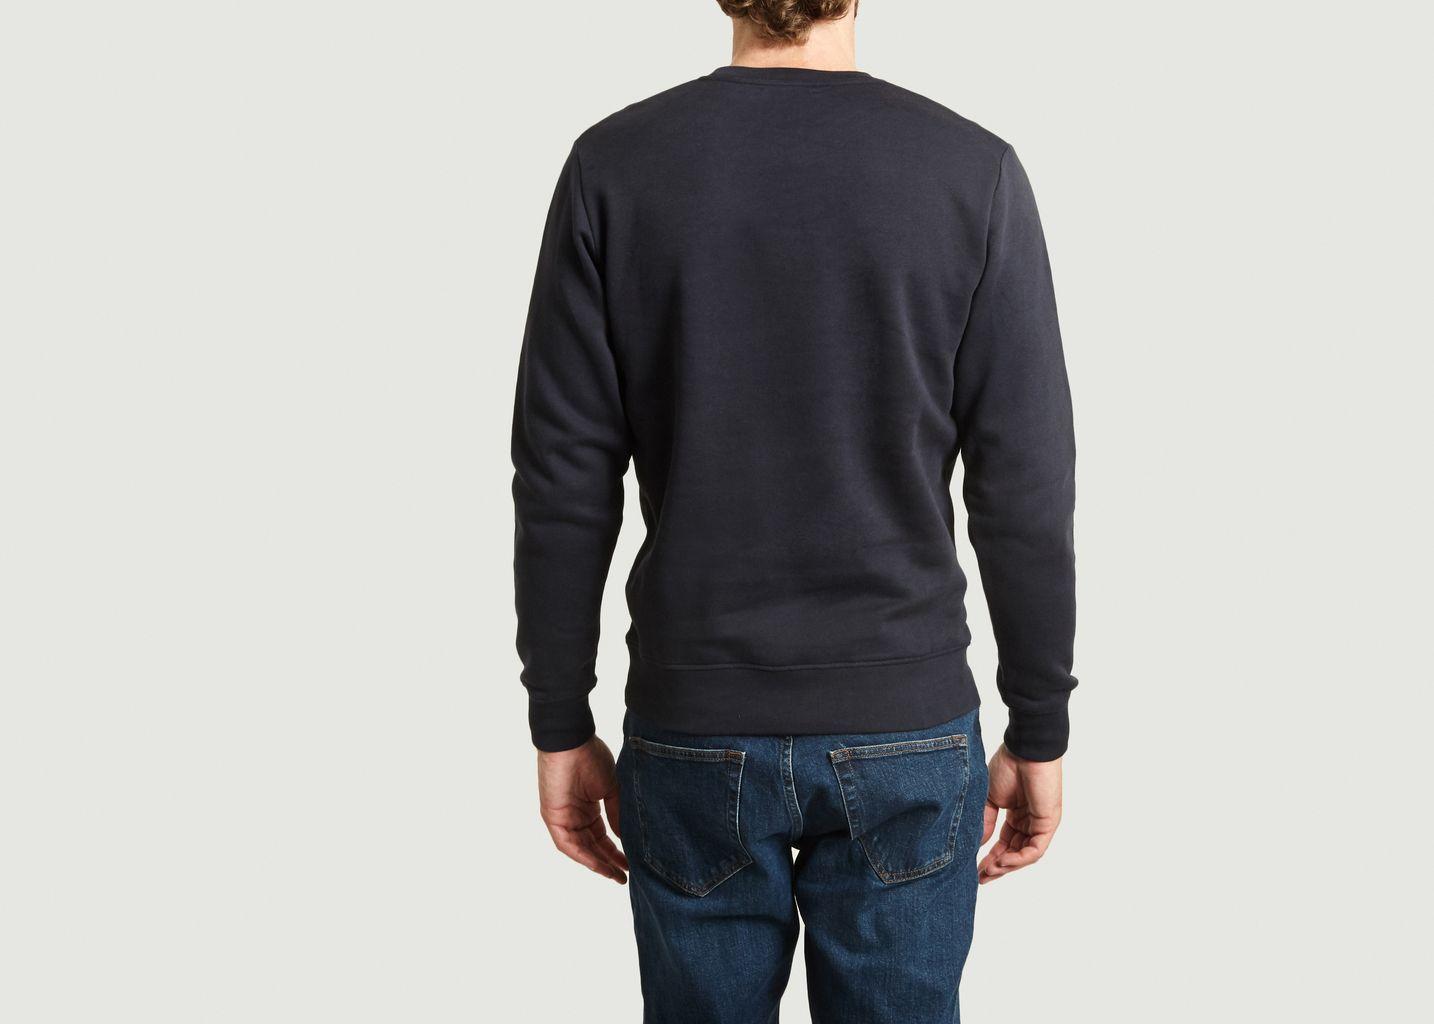 Sweatshirt Houle - Olow